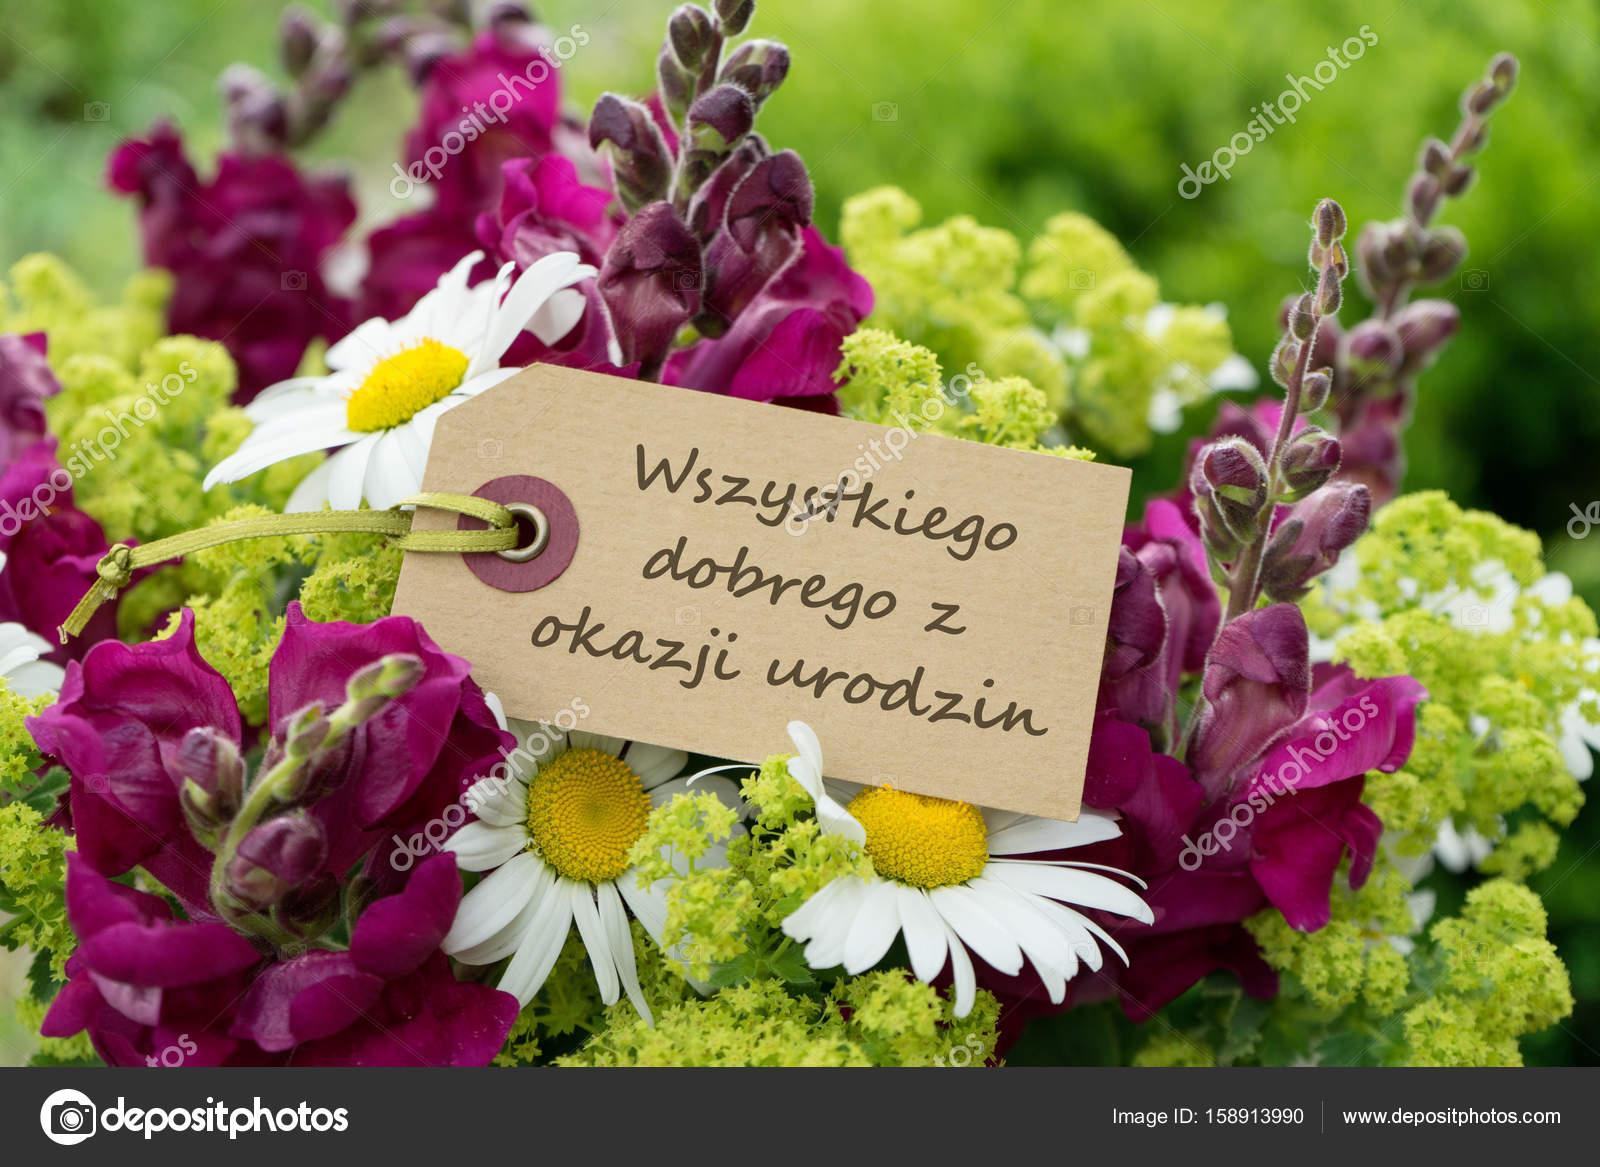 grattis på födelsedagen polska Polska födelsedagskort — Stockfotografi © coramueller #158913990 grattis på födelsedagen polska